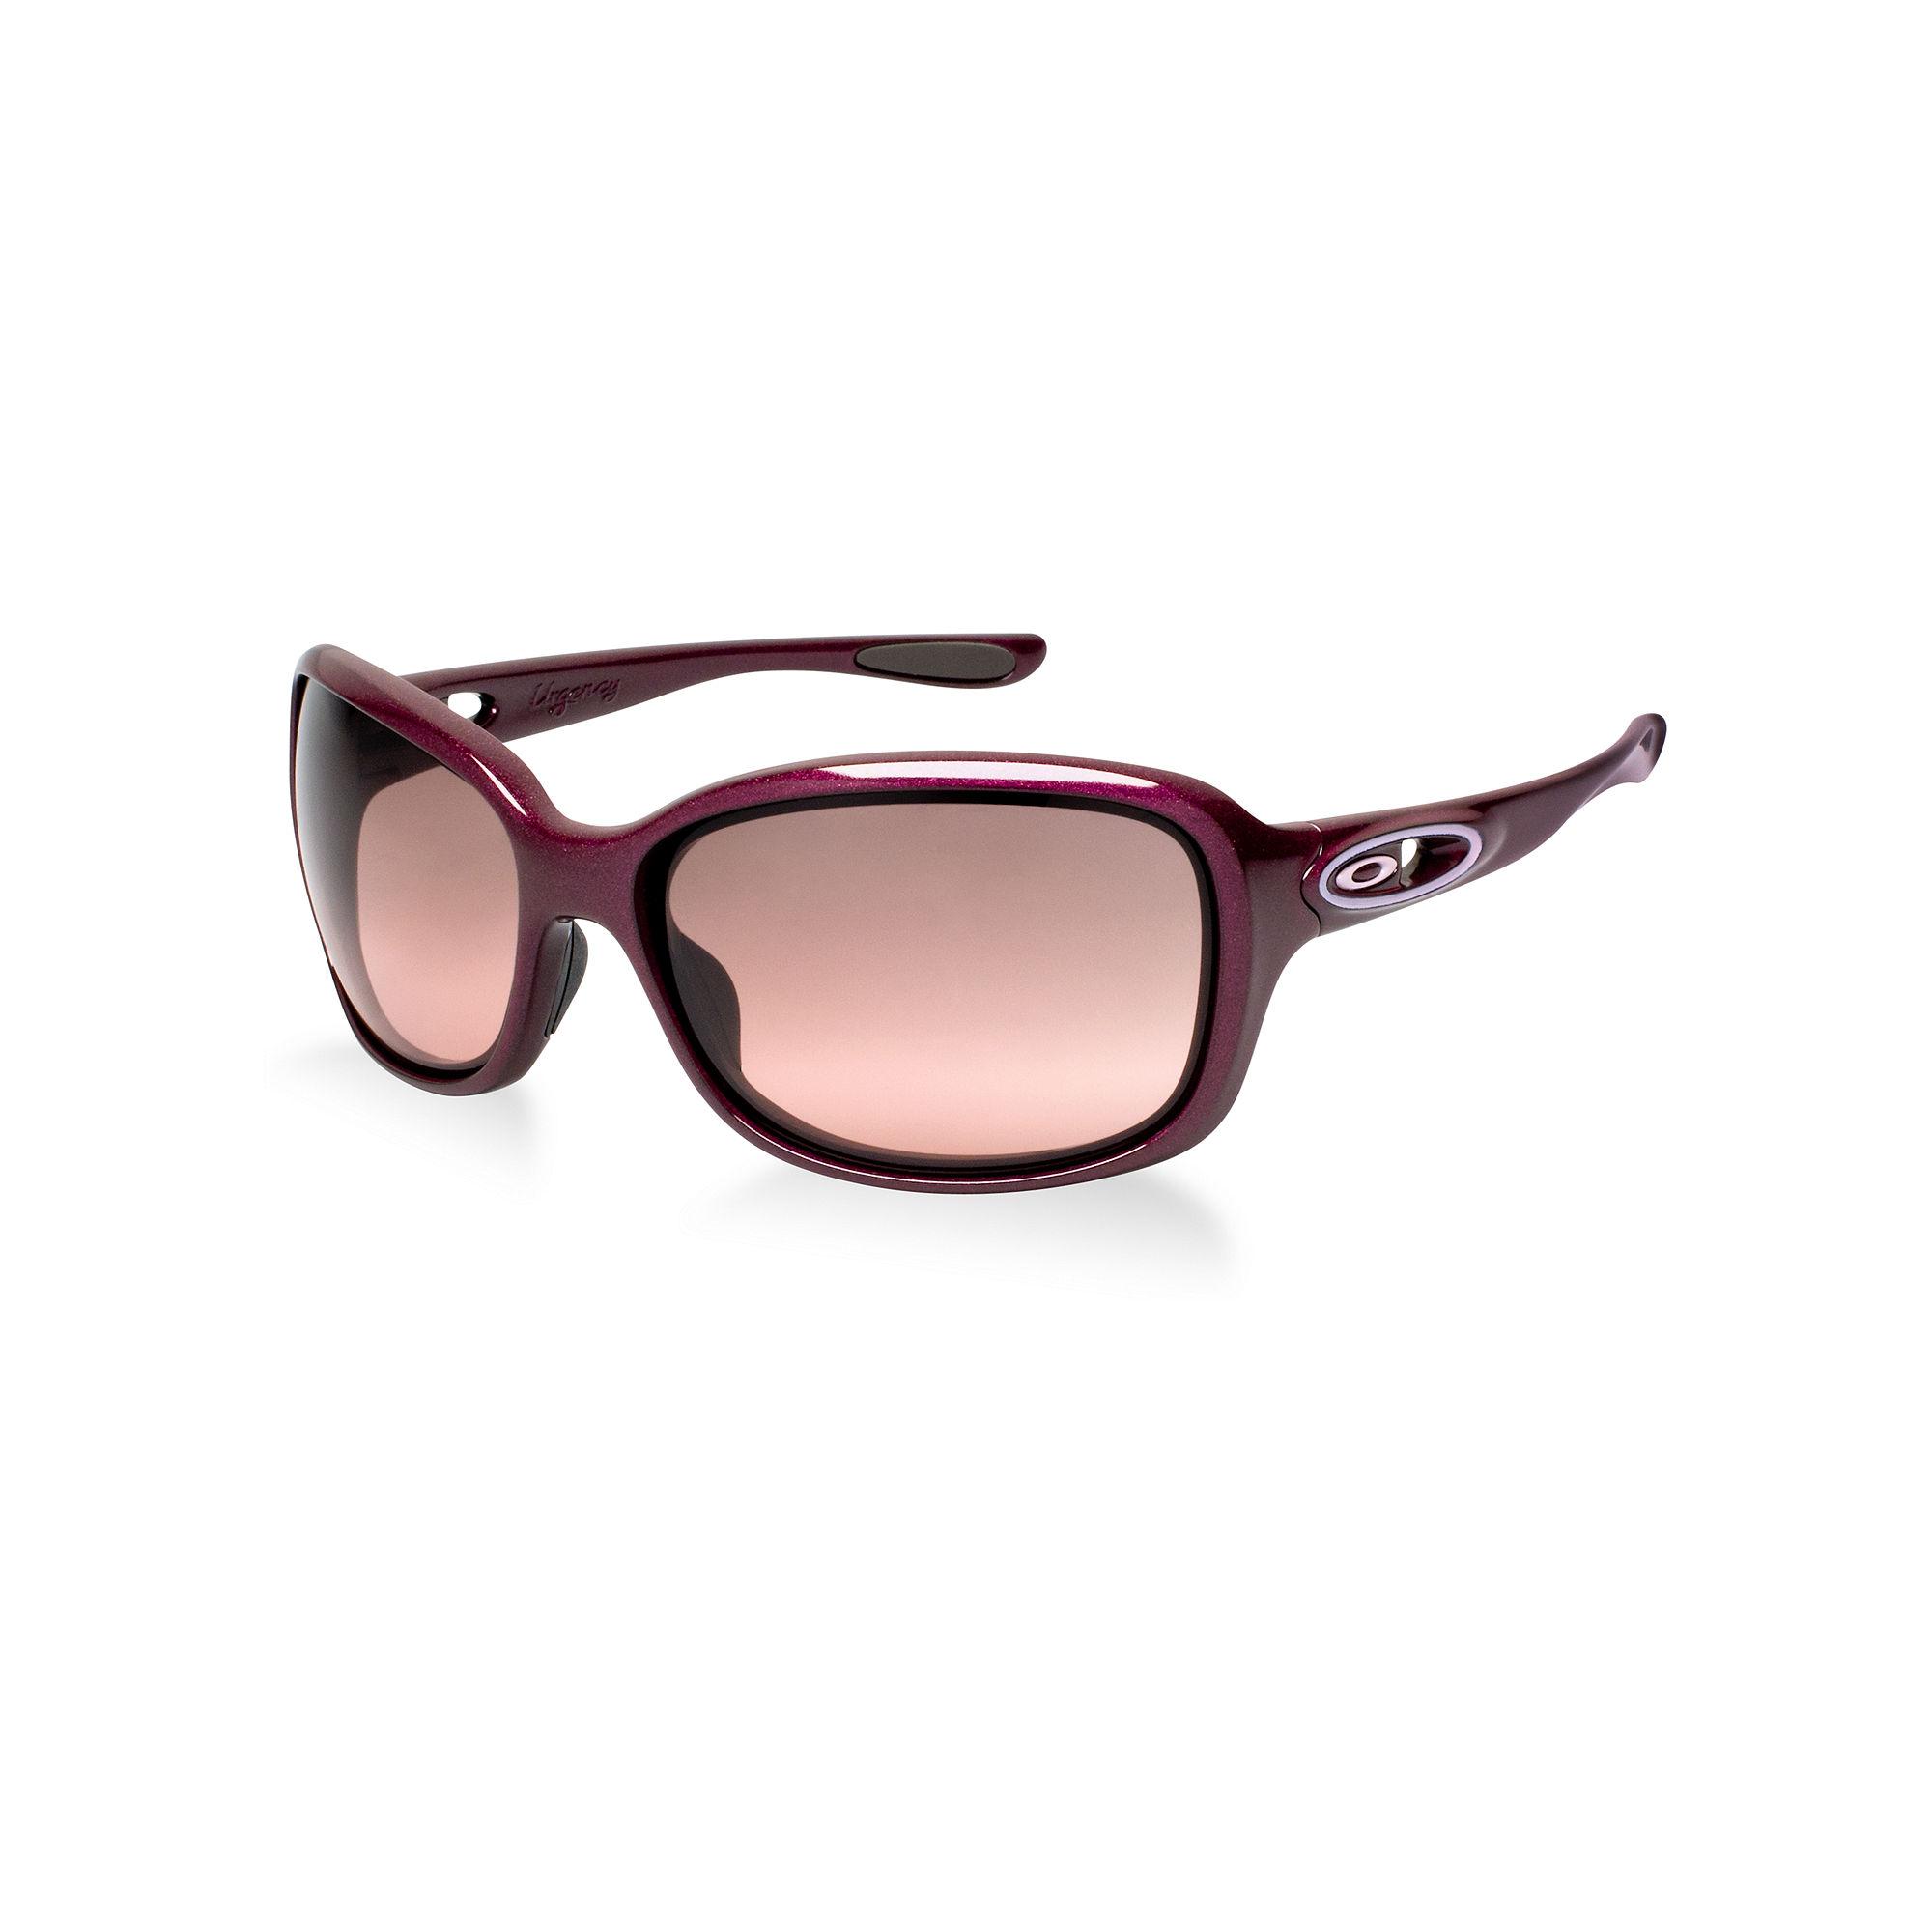 edf86181a1 Oakley Sunglasses Flash Sale « Heritage Malta